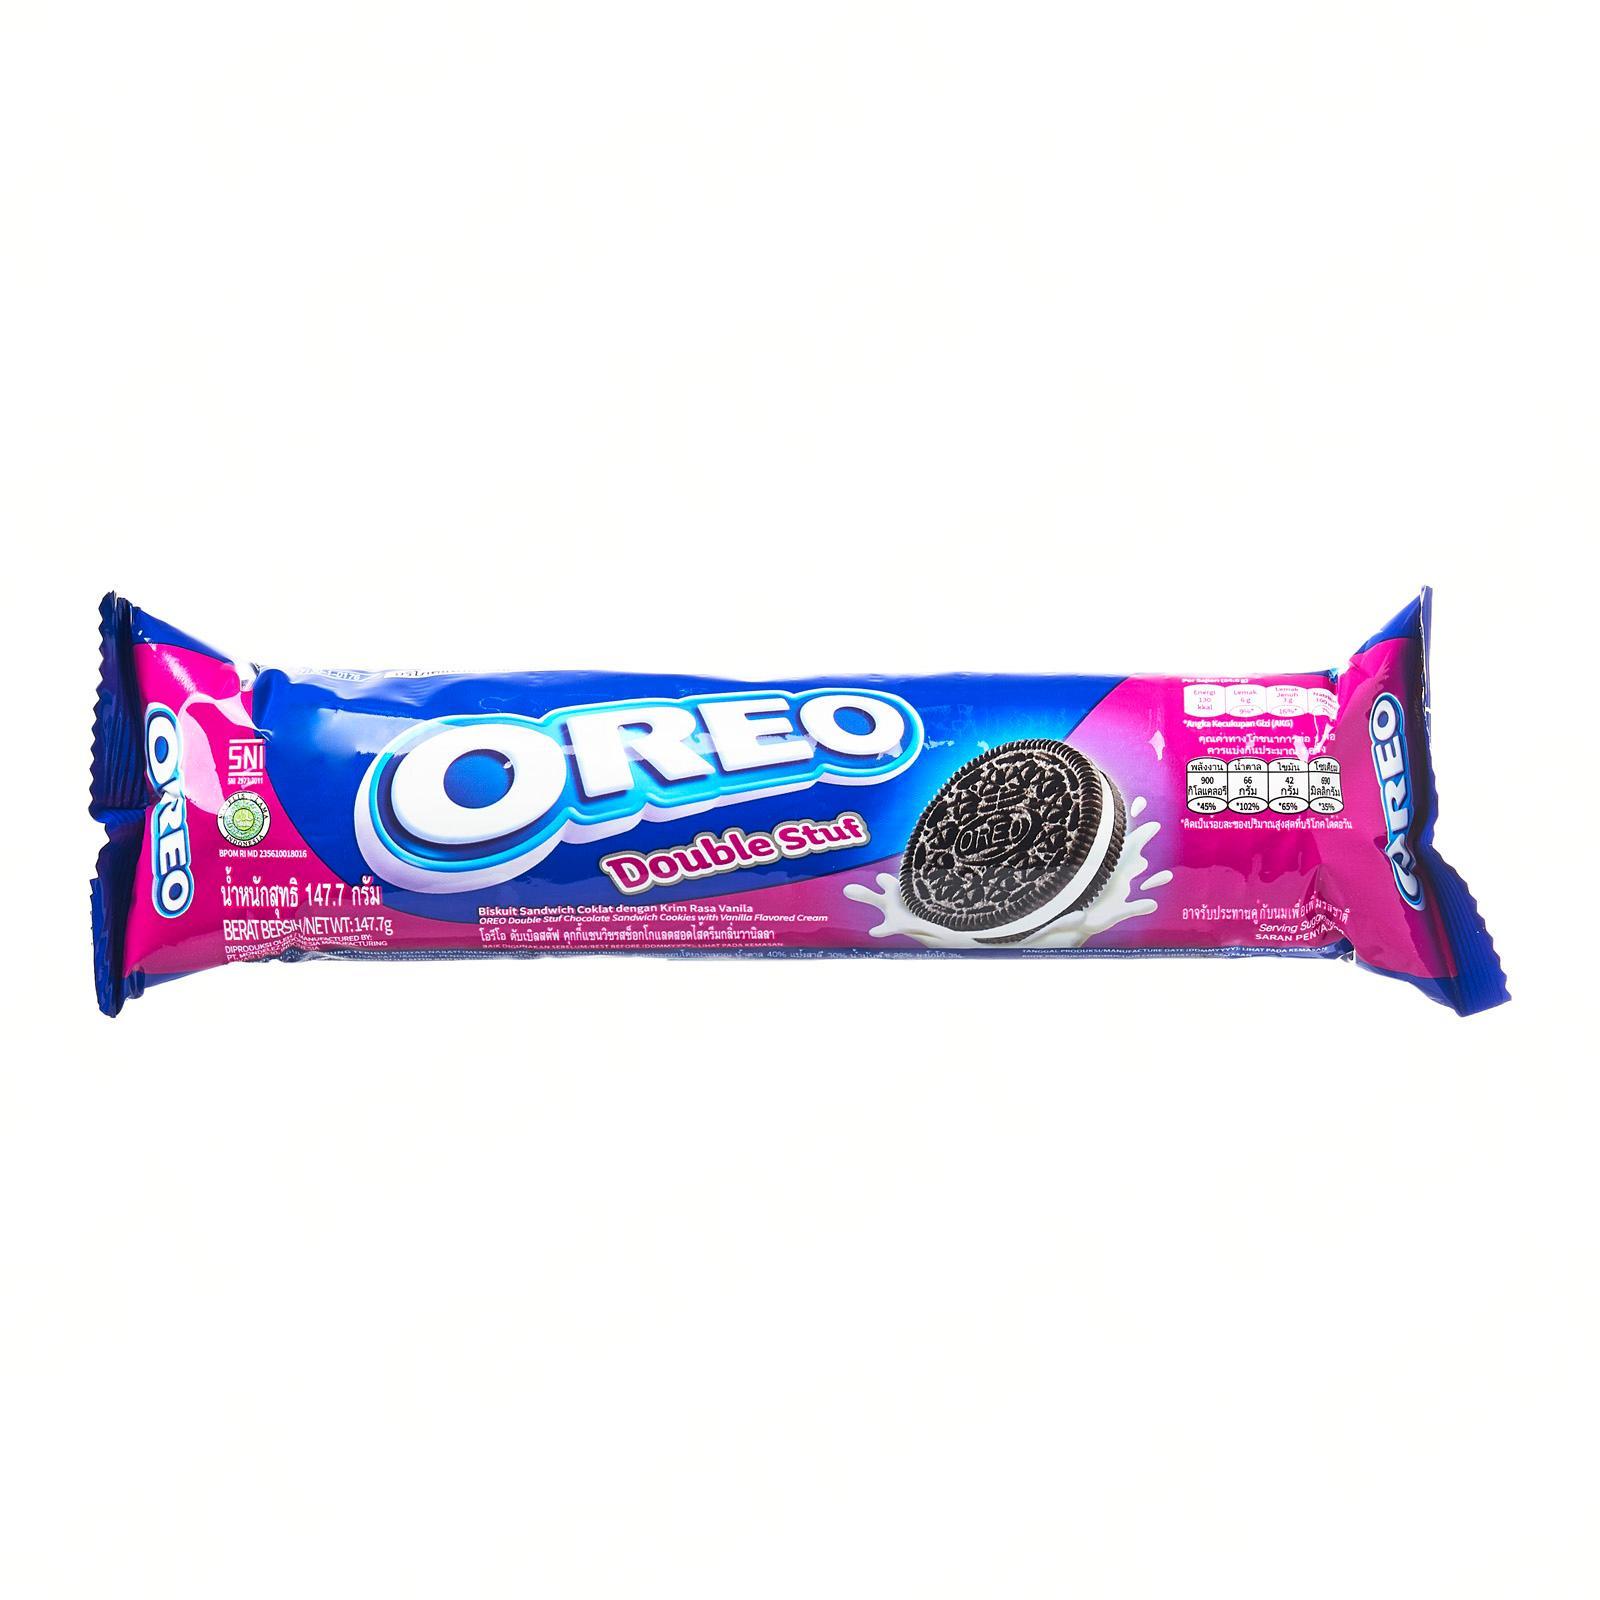 Oreo Slug -Double Stuff Cookies